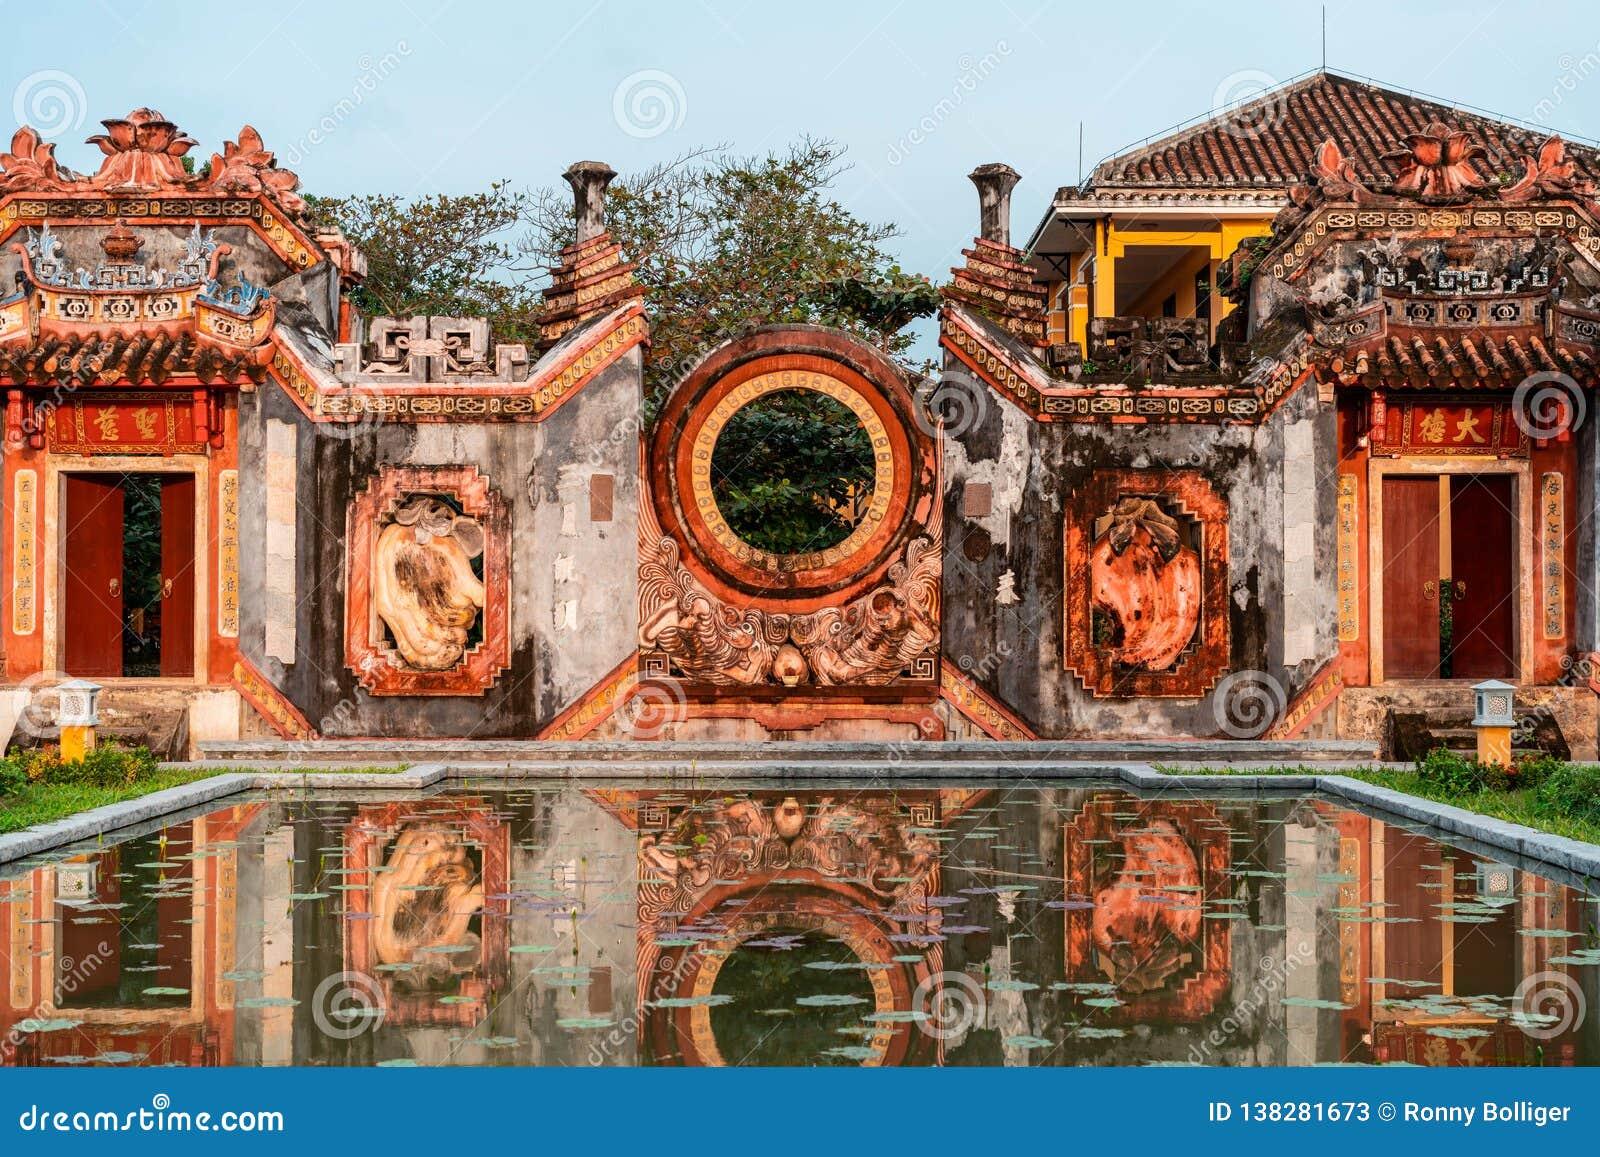 Details of Mother Temple Chua Ba Mu in Hoi An, Vietnam.